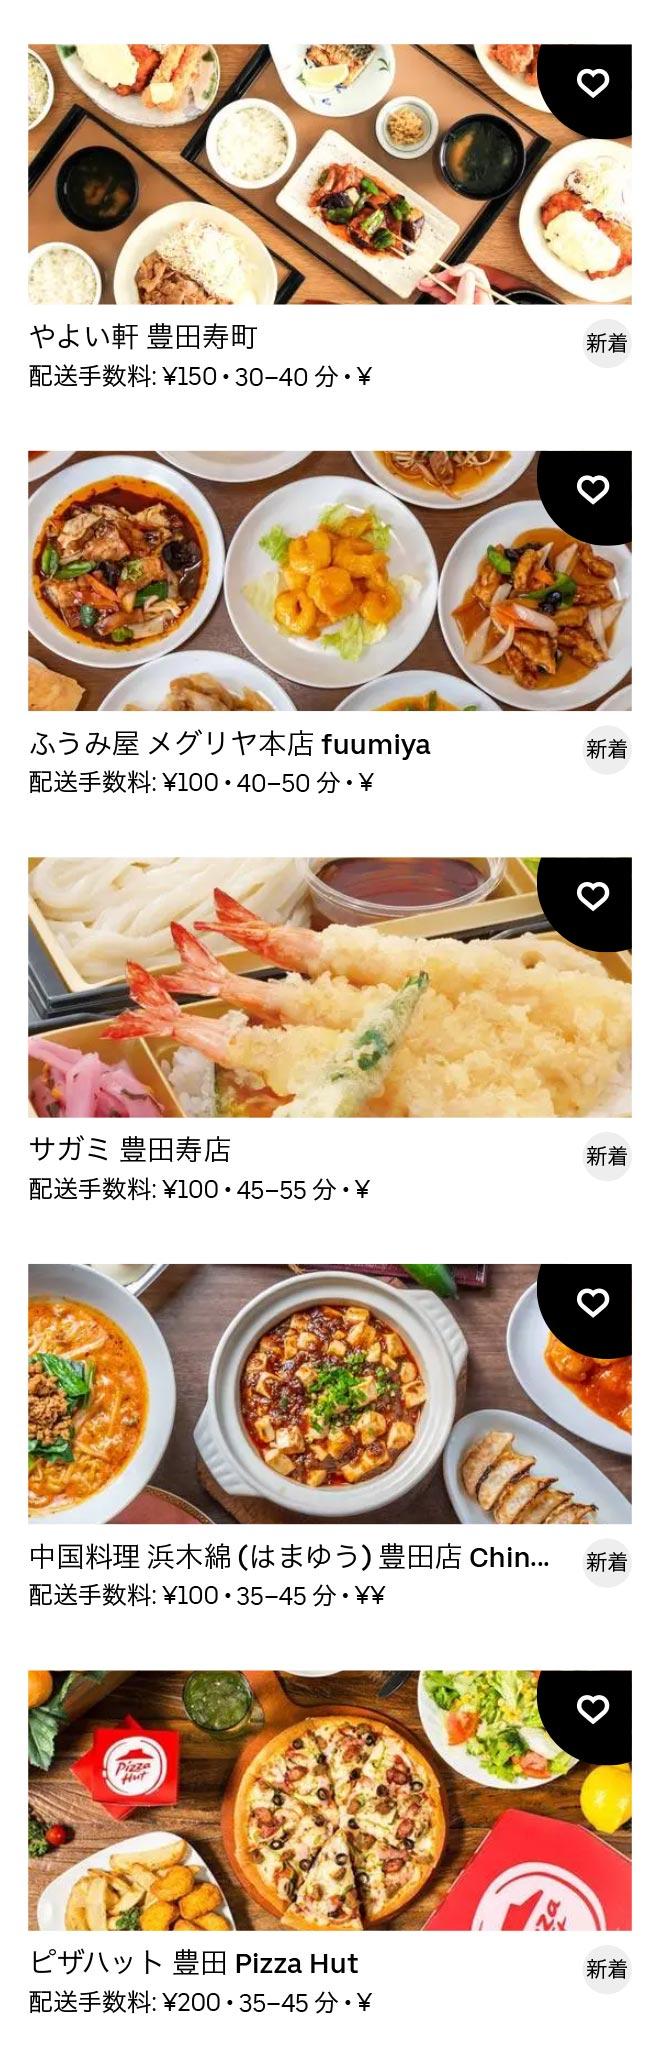 Mikawa toyota menu 2012 04